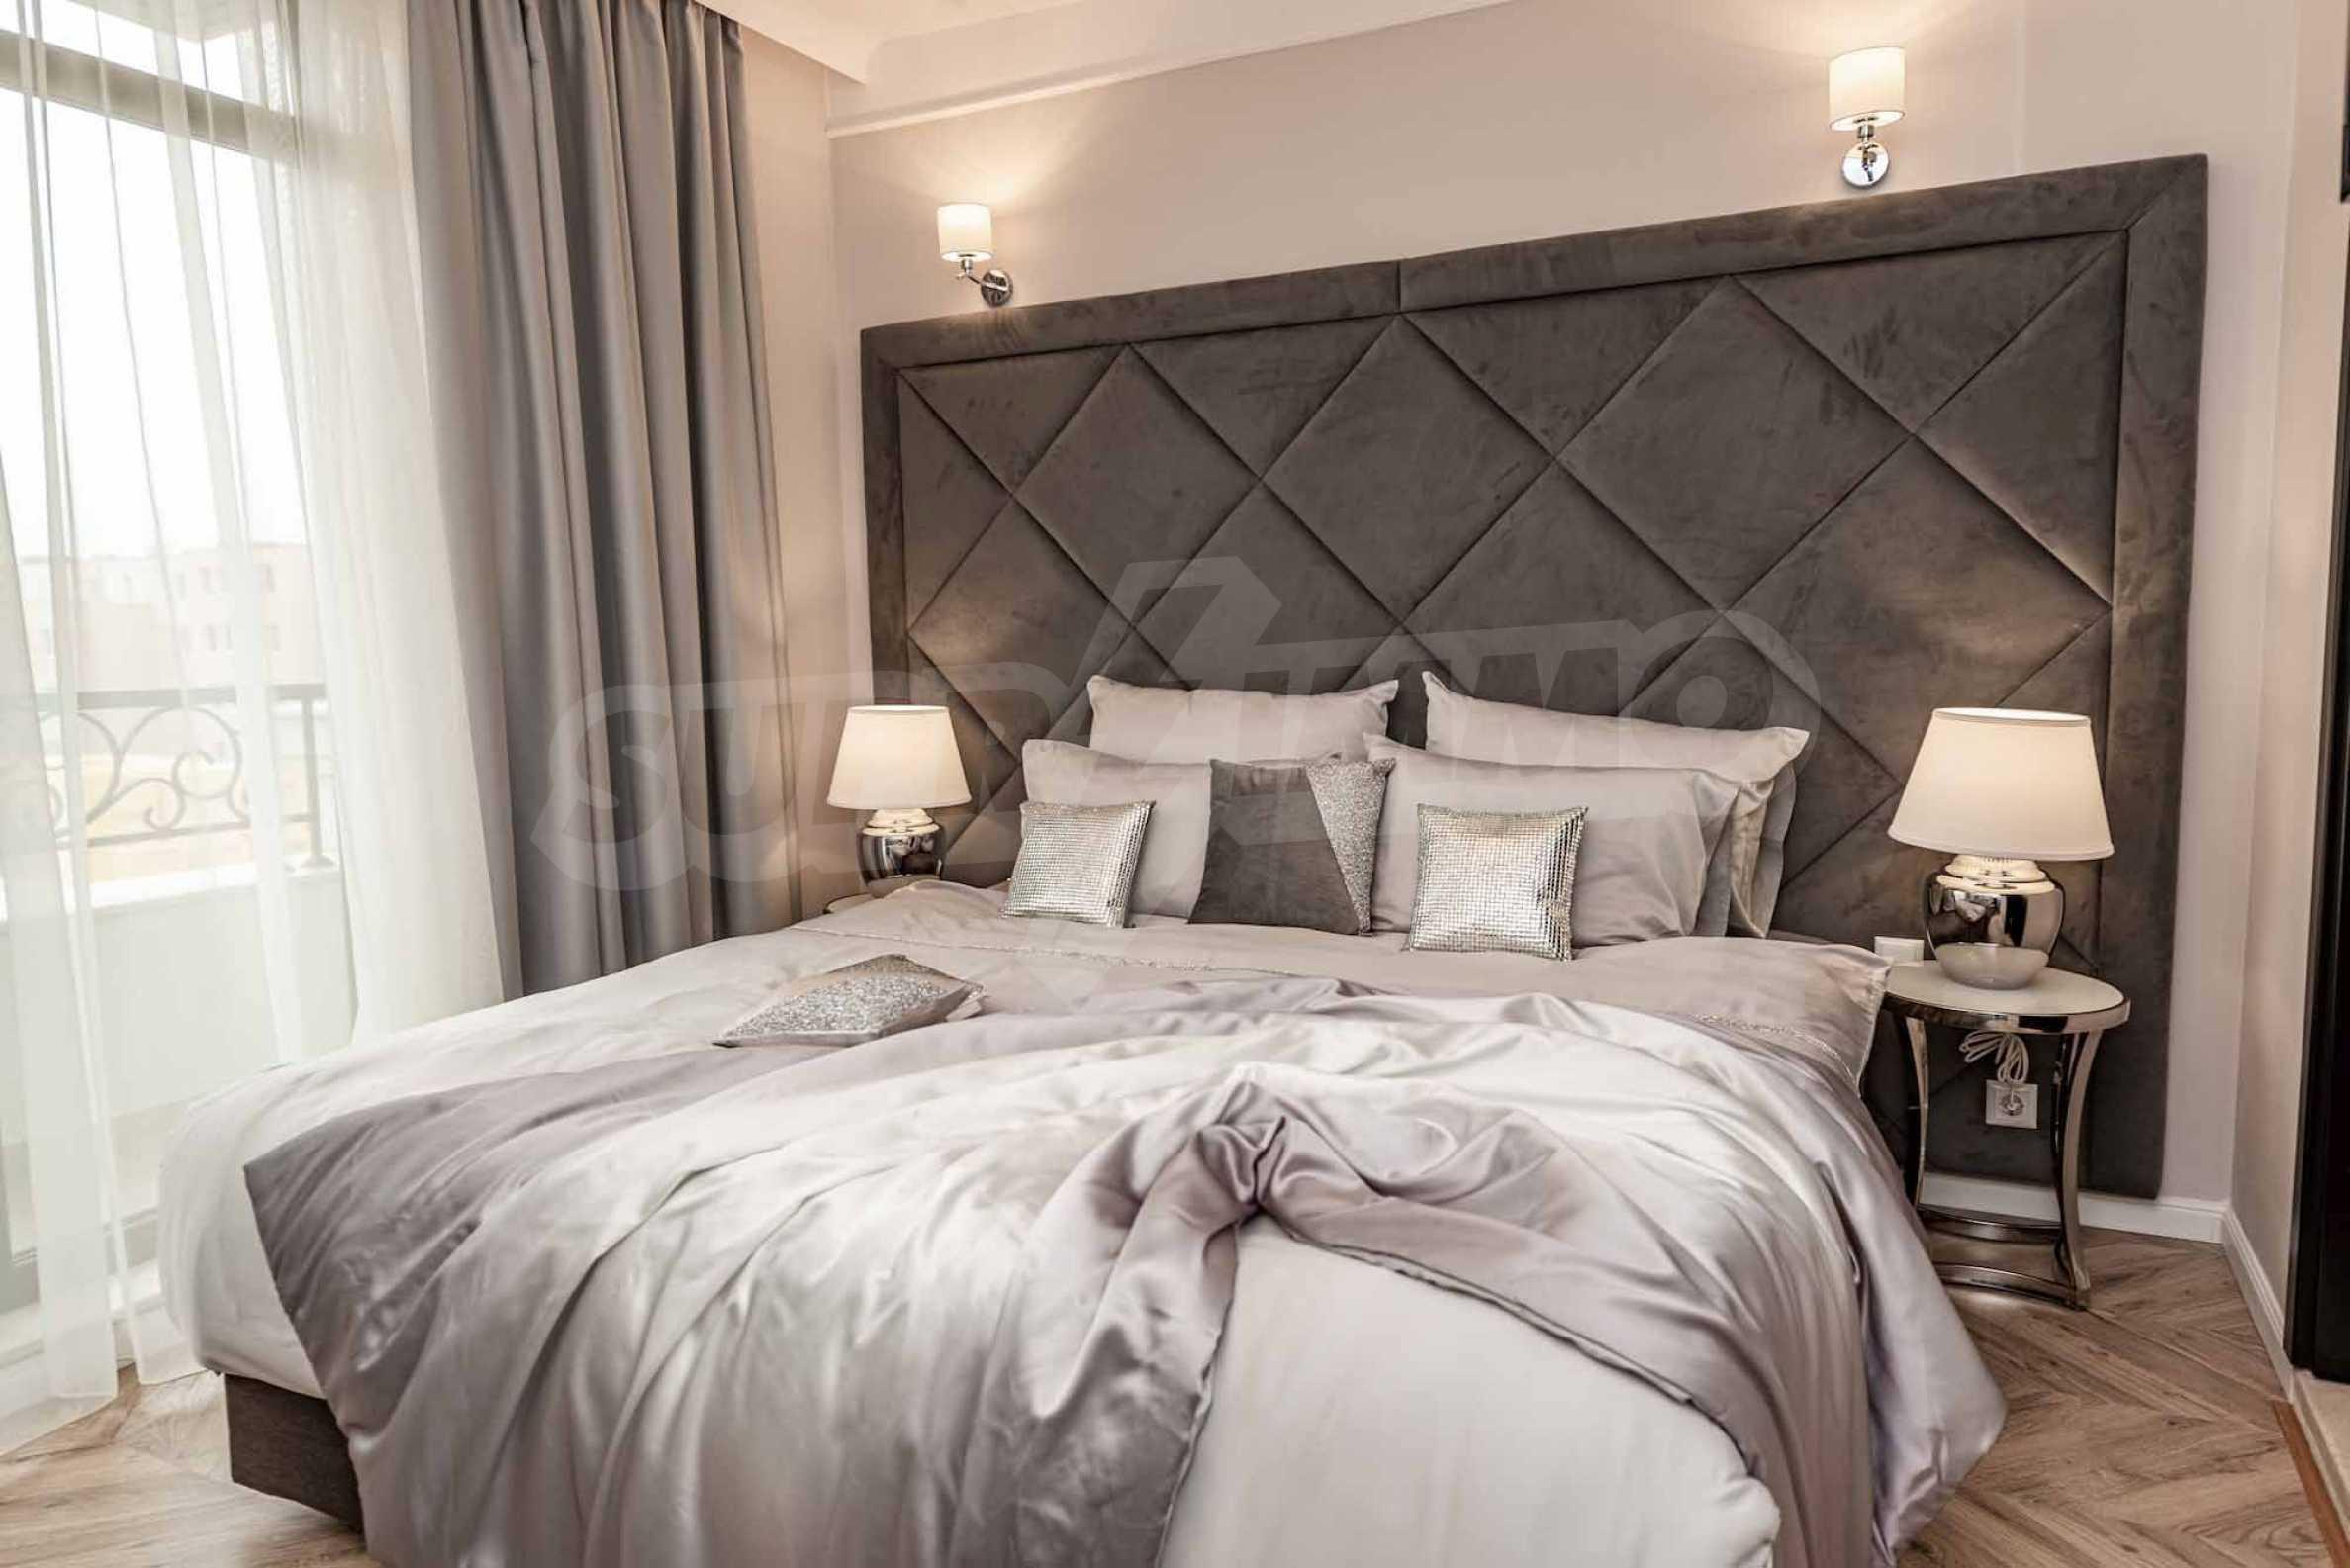 Erstklassige Apartments  zum TOP-Preis ab 890 €/m² im Komplex im Stil der französischen Renaissance (Akt 16) 40